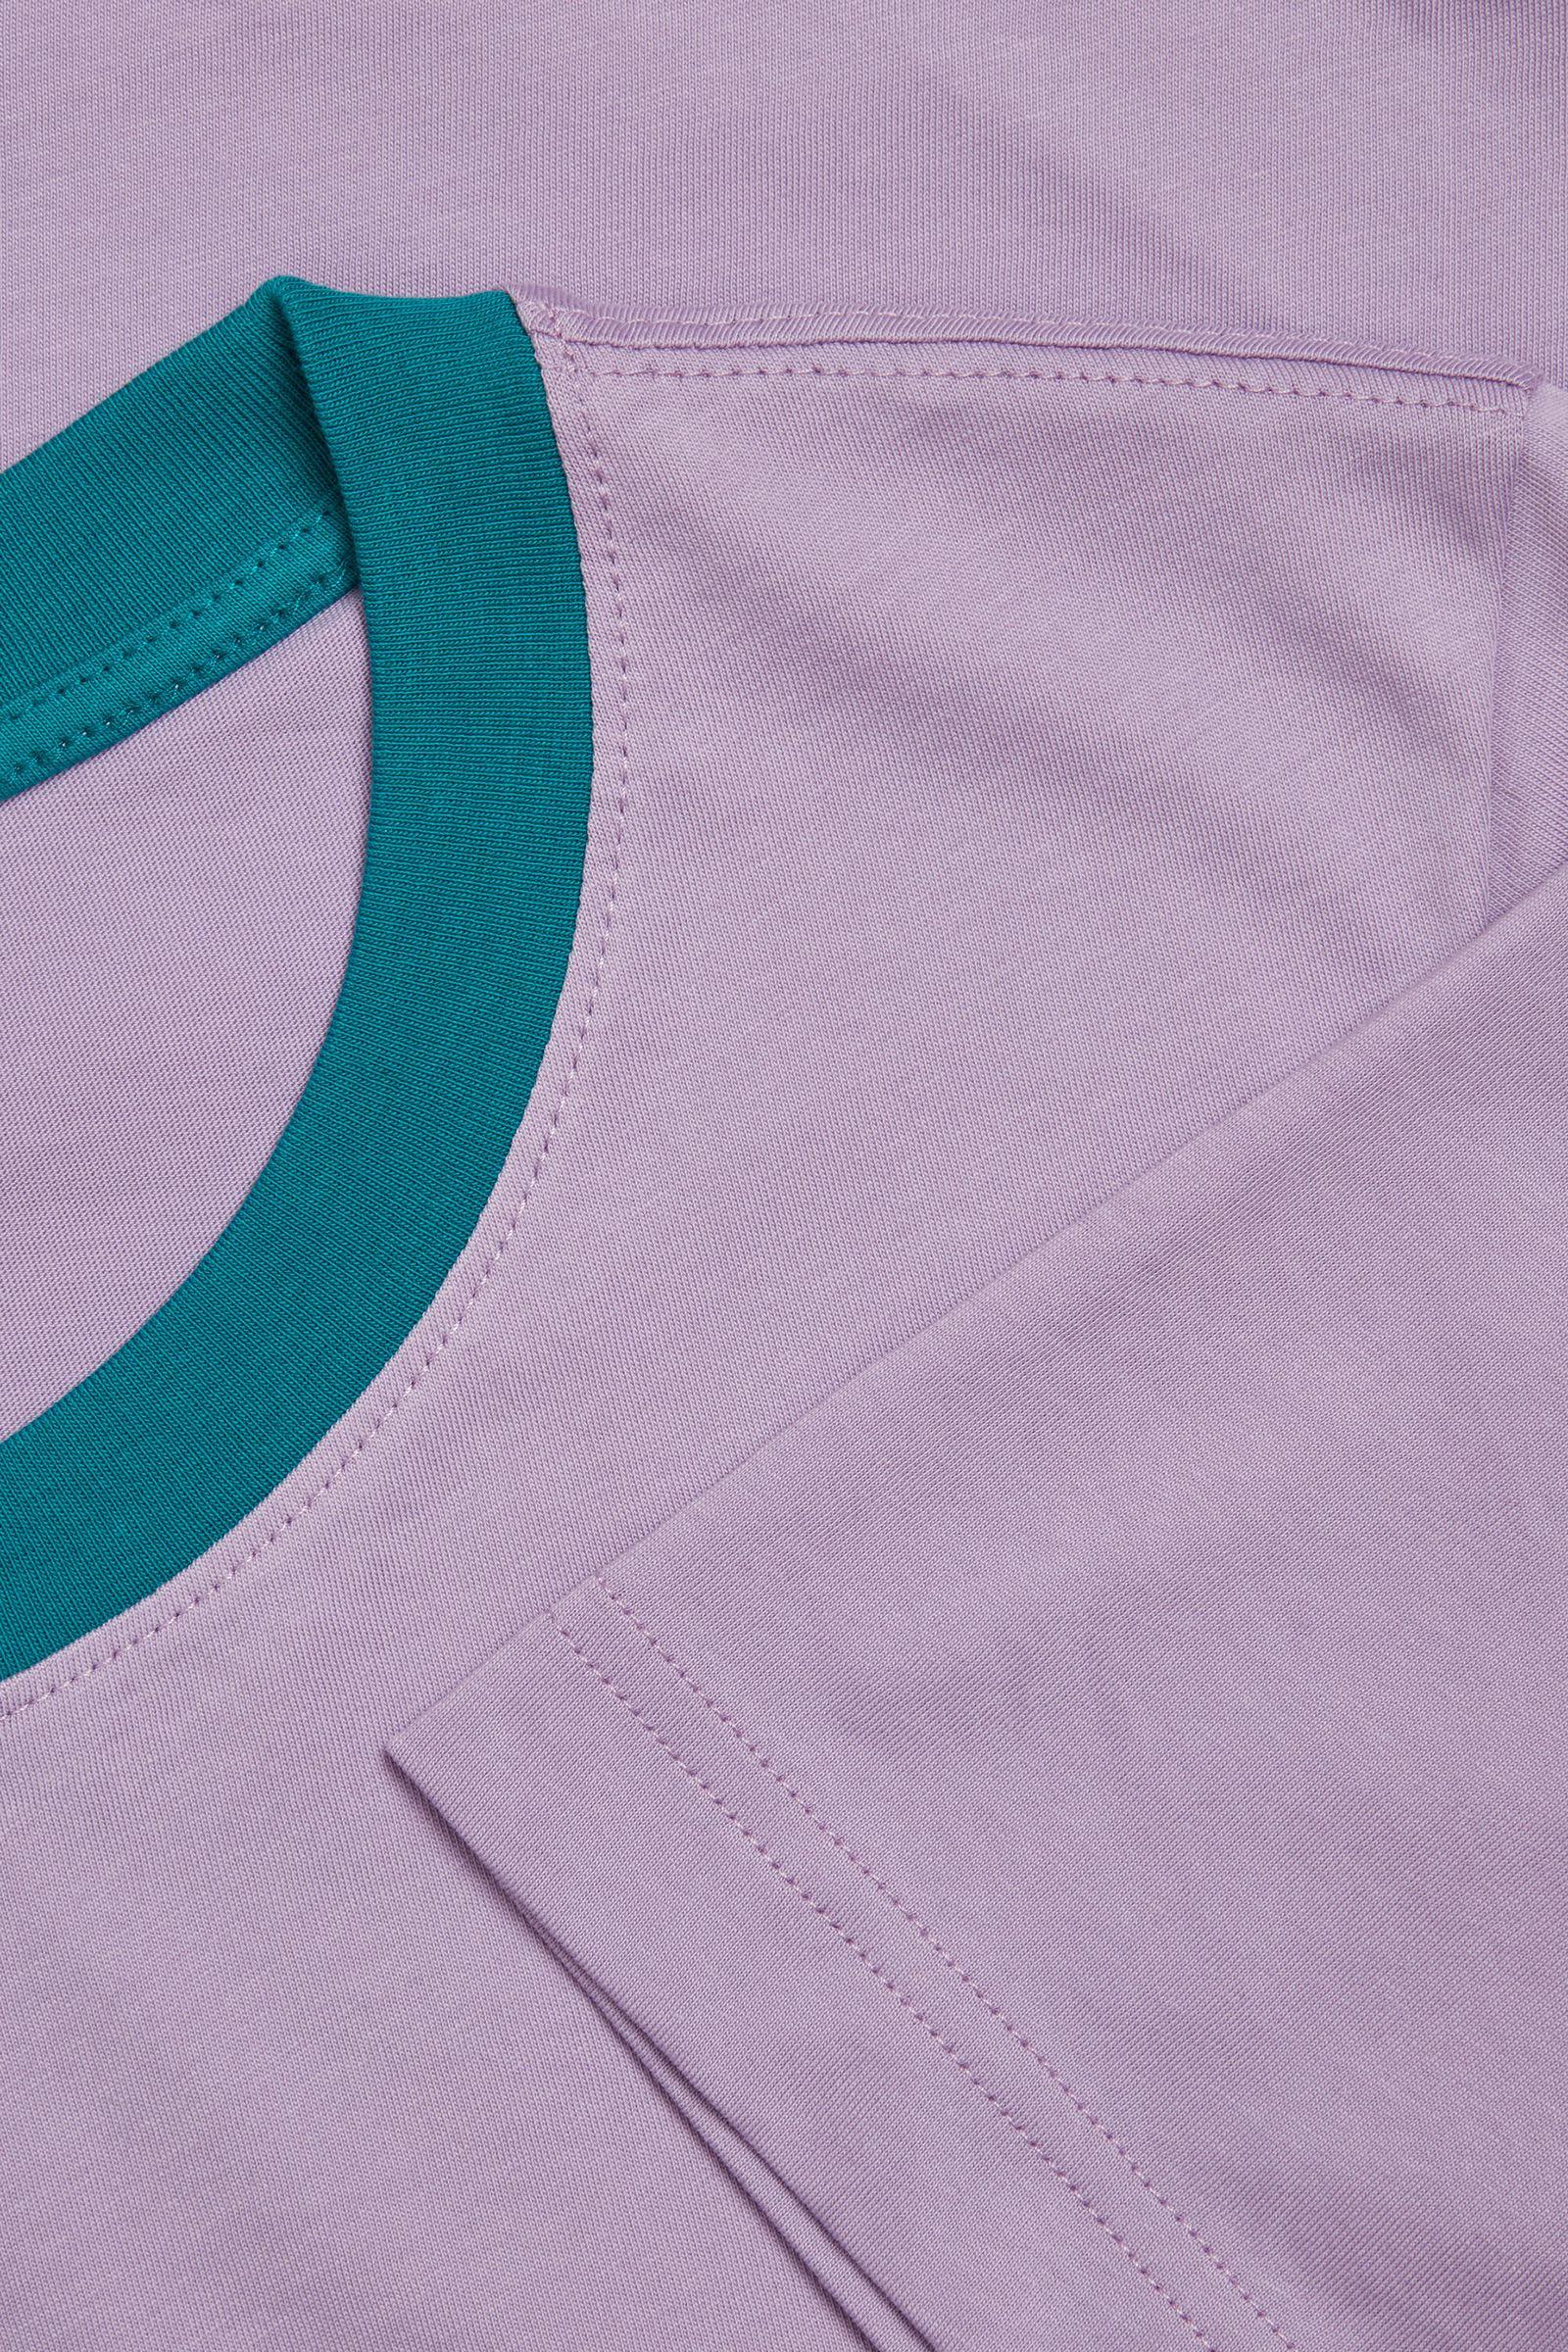 COS 코튼 저지 티셔츠의 퍼플컬러 Detail입니다.